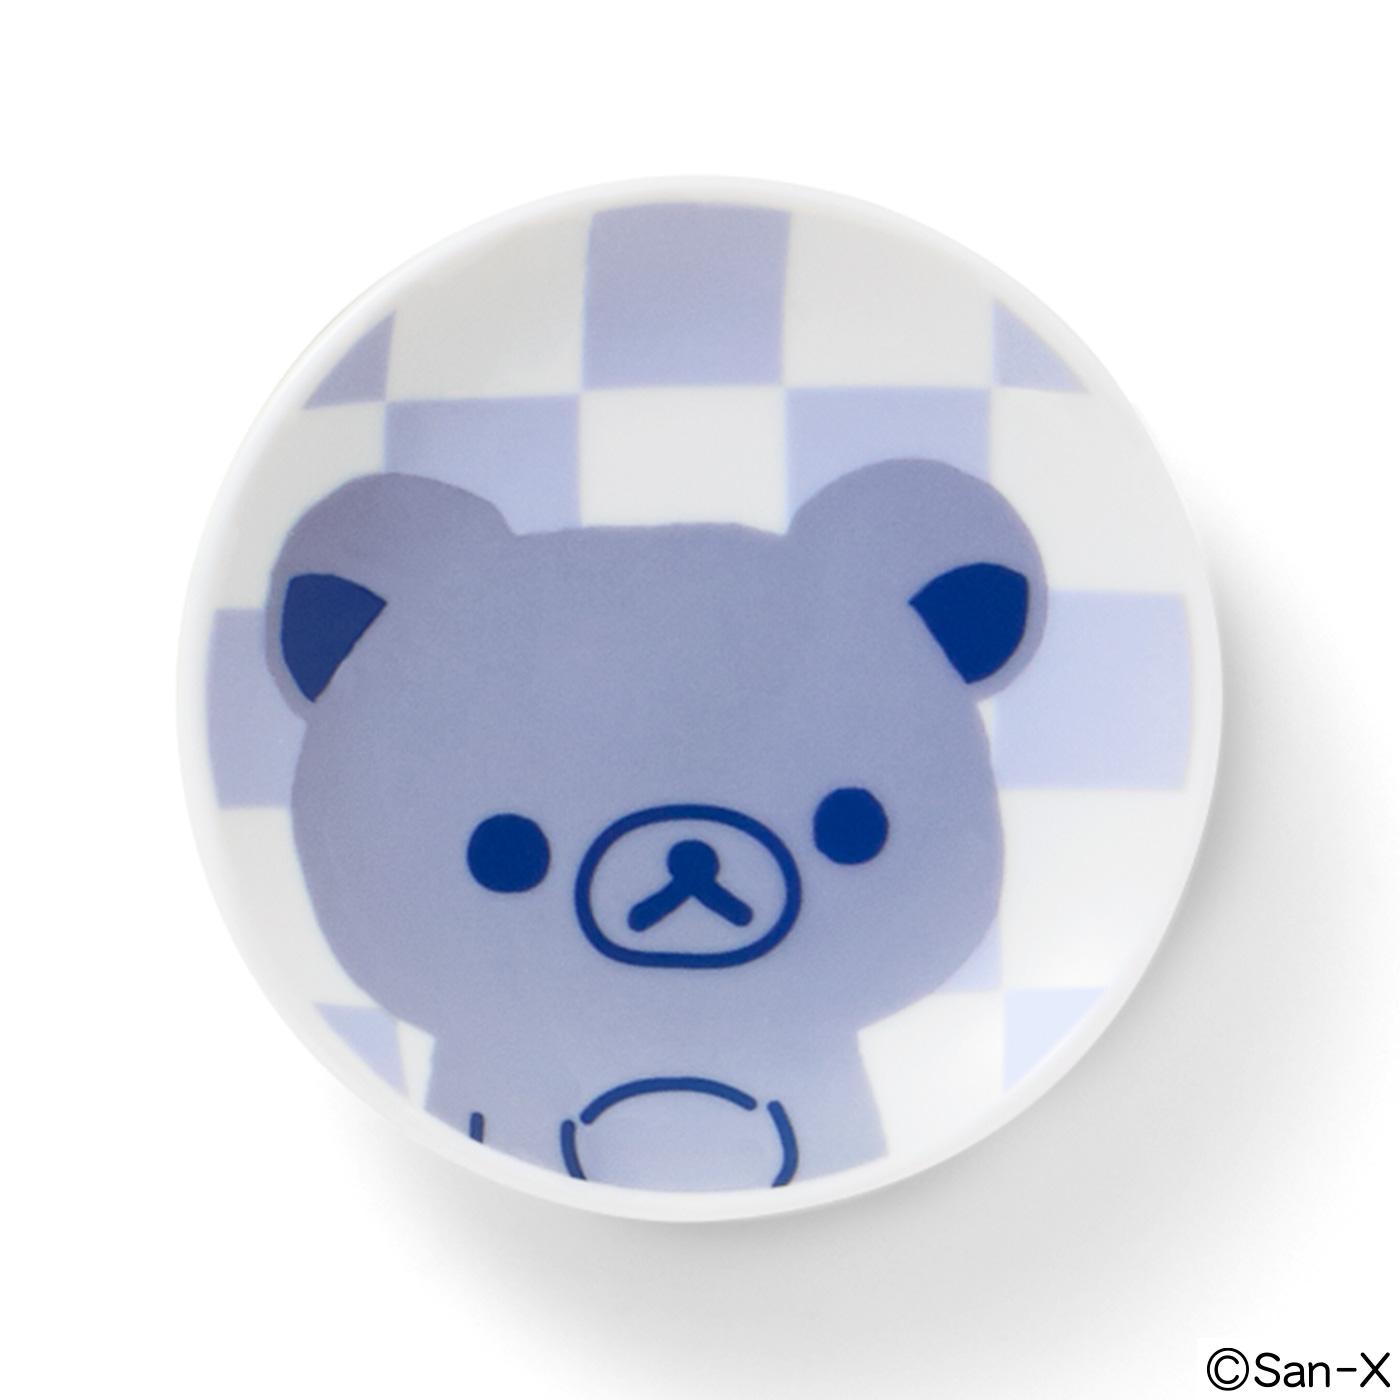 おてしょ皿とは、手塩皿のこと。手のひらサイズの小皿だよ。